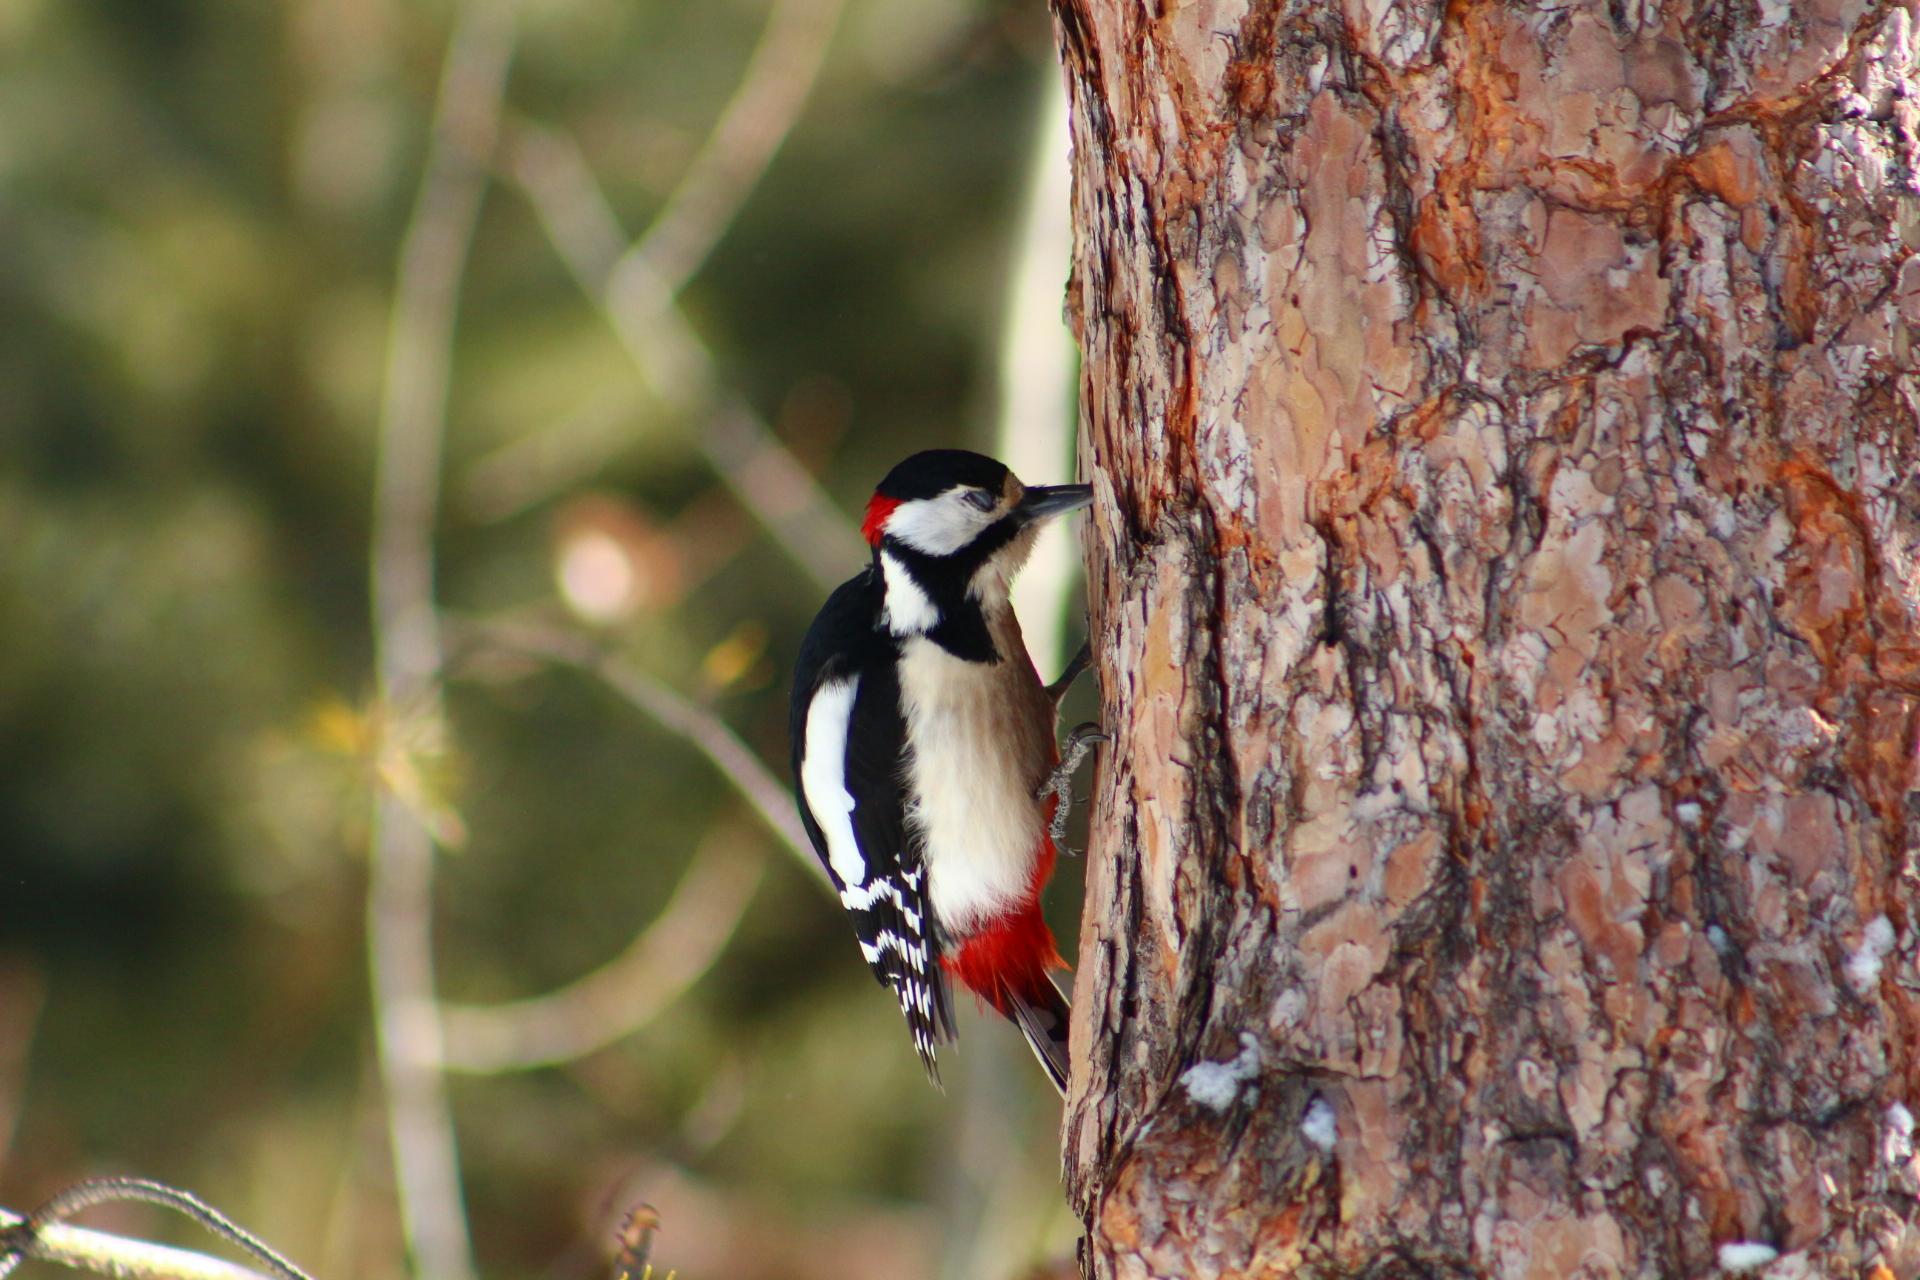 картинки птиц нашего леса никто, чтоб перечил